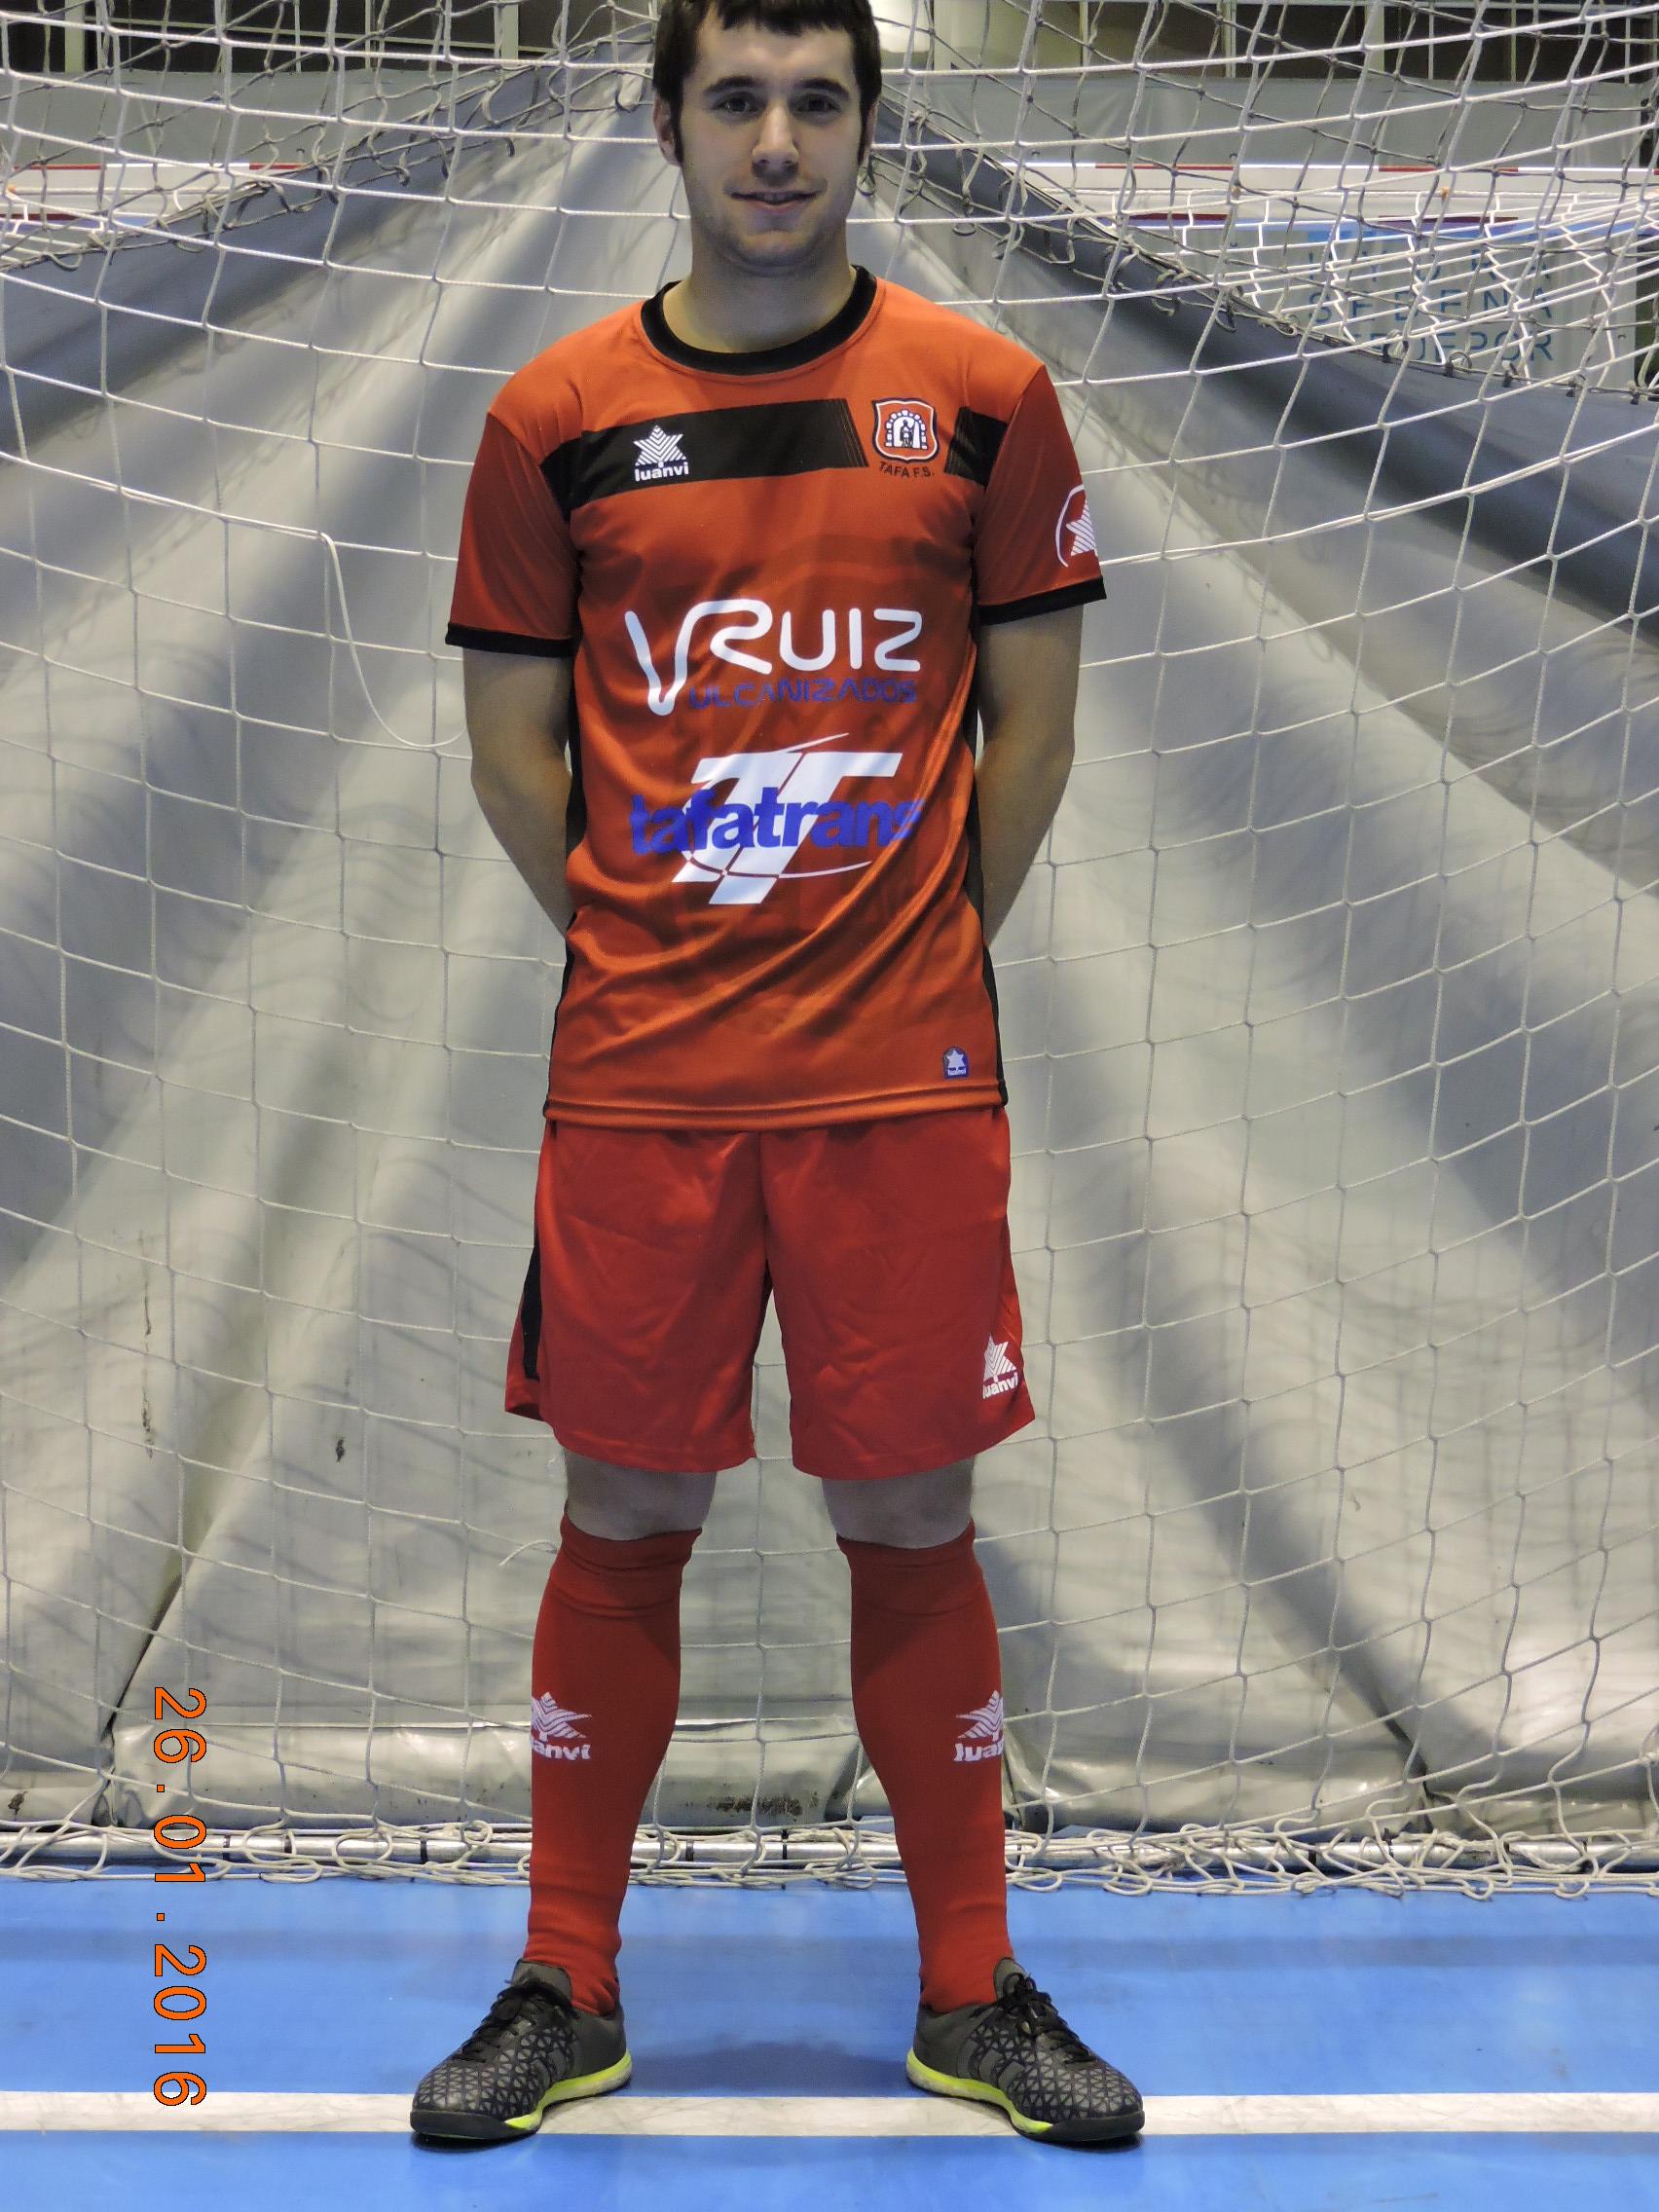 Juan cara 3